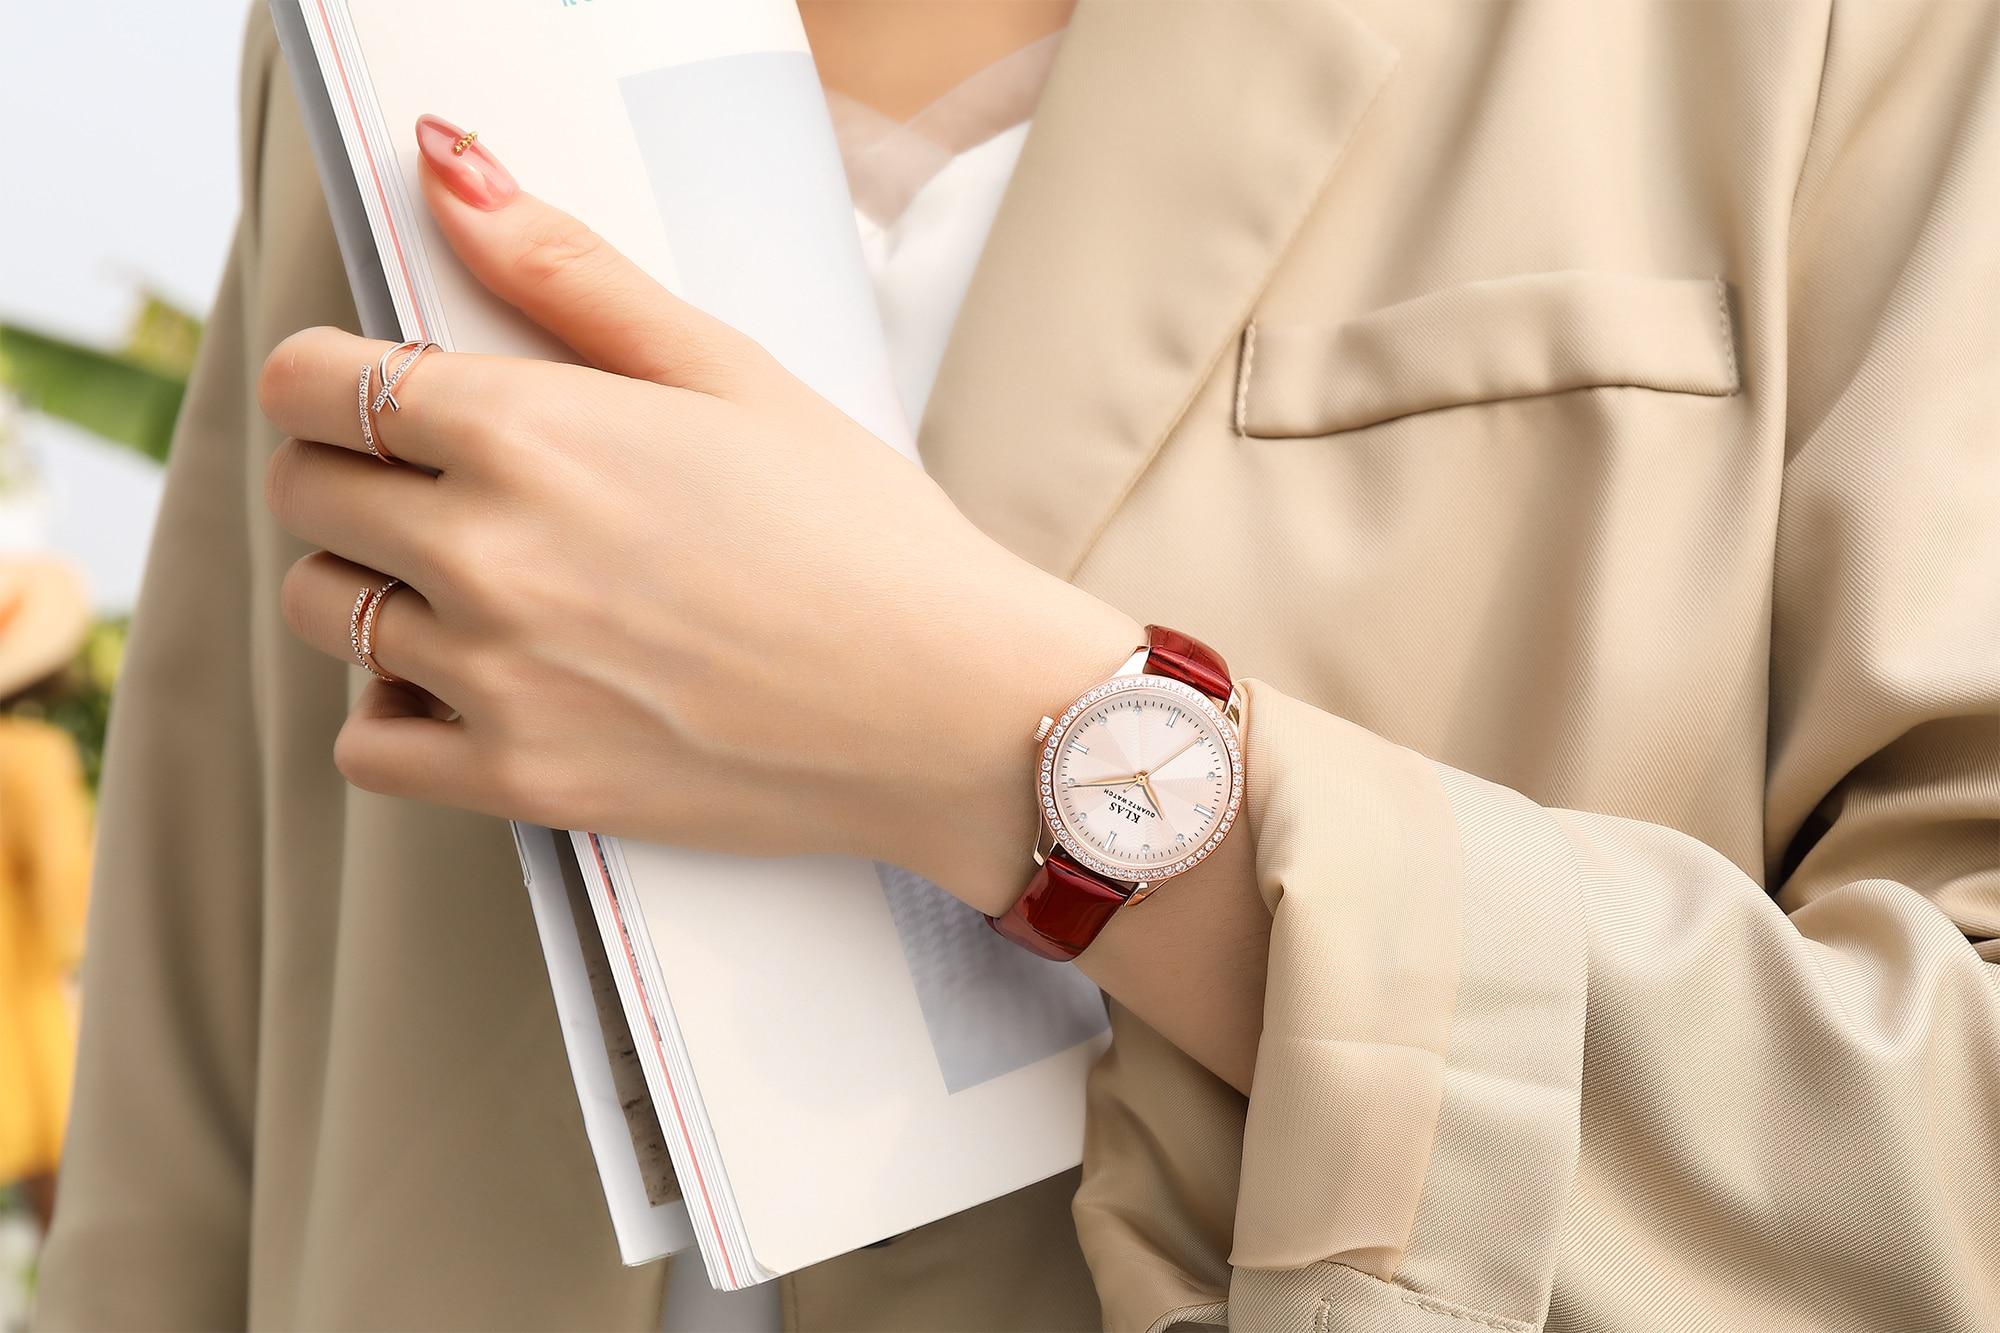 فاخر مخصص شعار خاص أسطوانة مصنوعة من الفولاذ المقاوم للصدأ ساعة يد 3ATM مقاوم للماء فتاة ساعة كوارتز KLAS العلامة التجارية